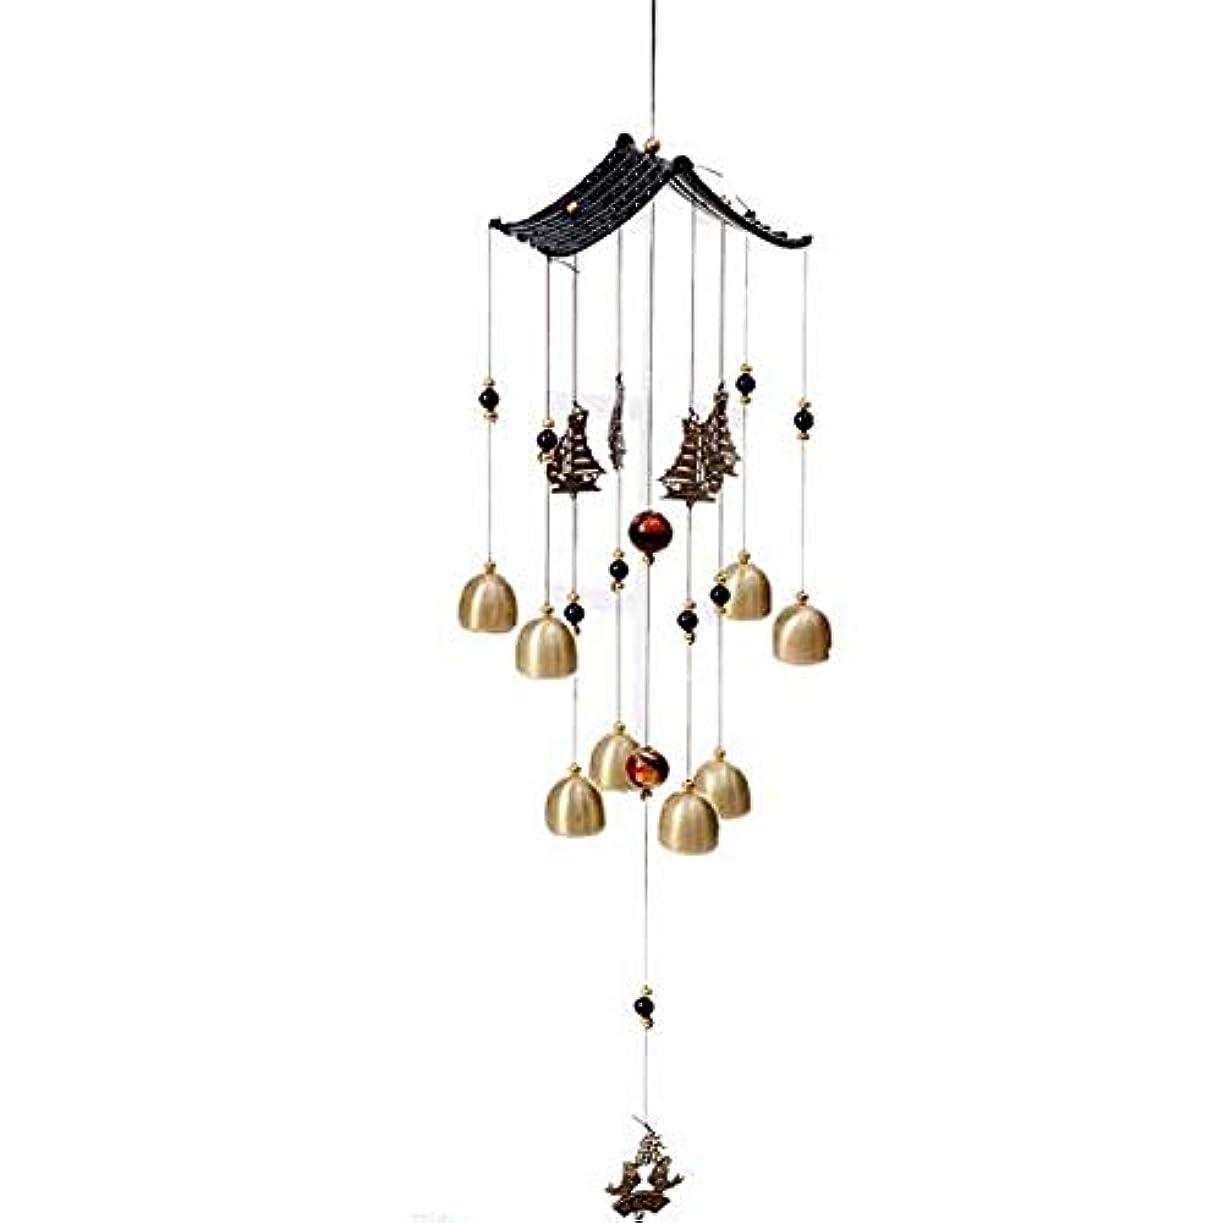 債務フォアマン多数のKaiyitong01 風チャイム、金属銅鐘ホームデコレーション、ブラック、サイズ62 * 13CM,絶妙なファッション (Color : Black-A)